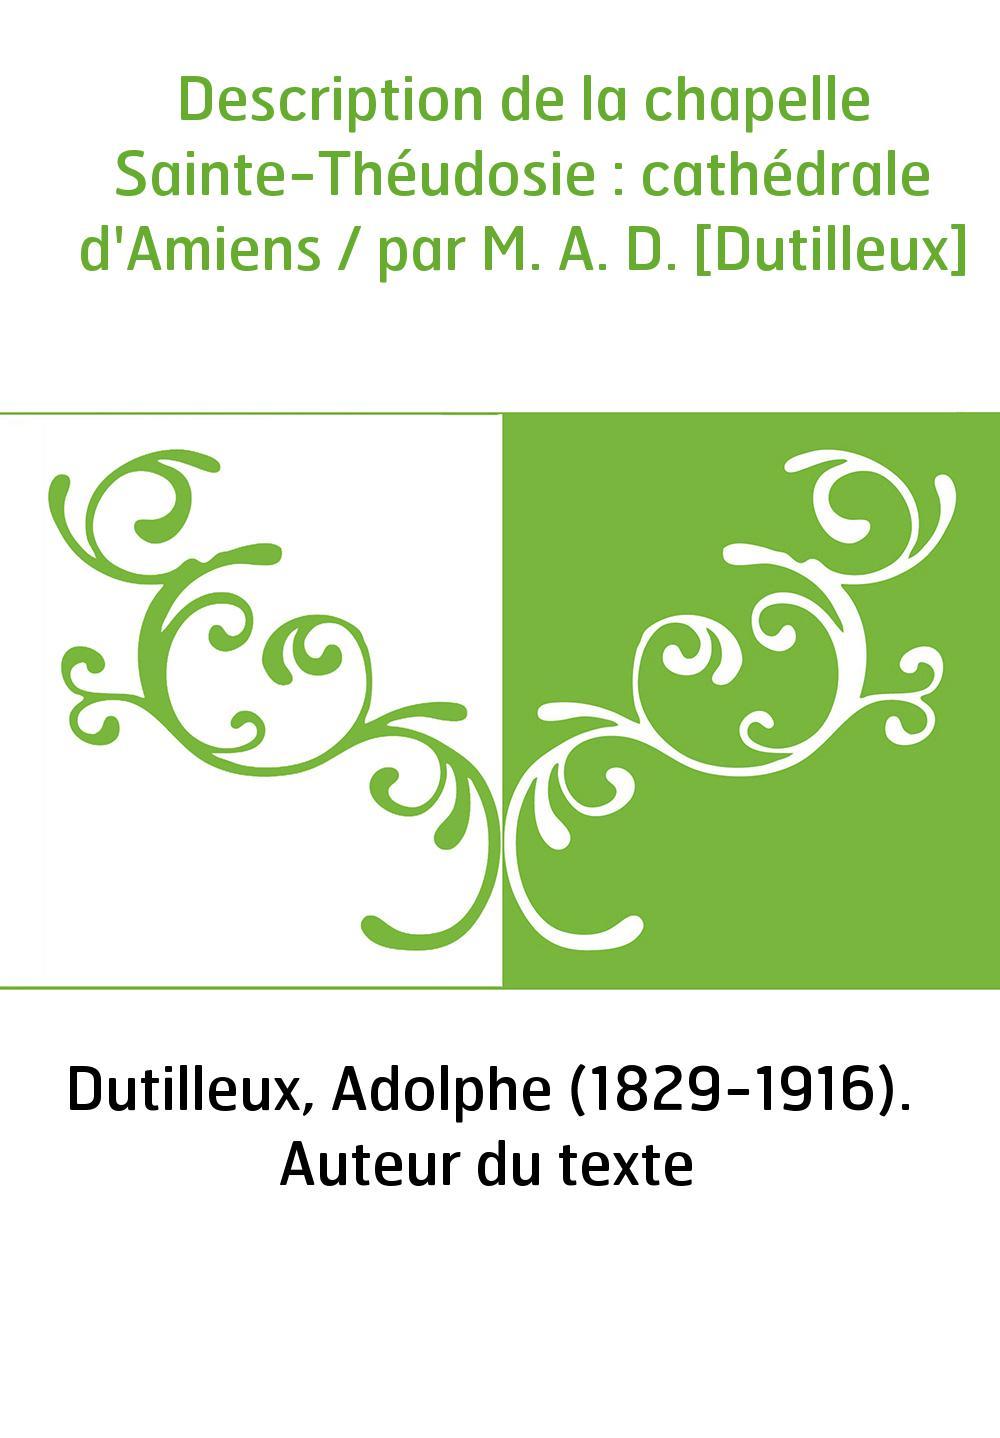 Description de la chapelle Sainte-Théudosie : cathédrale d'Amiens / par M. A. D. [Dutilleux]